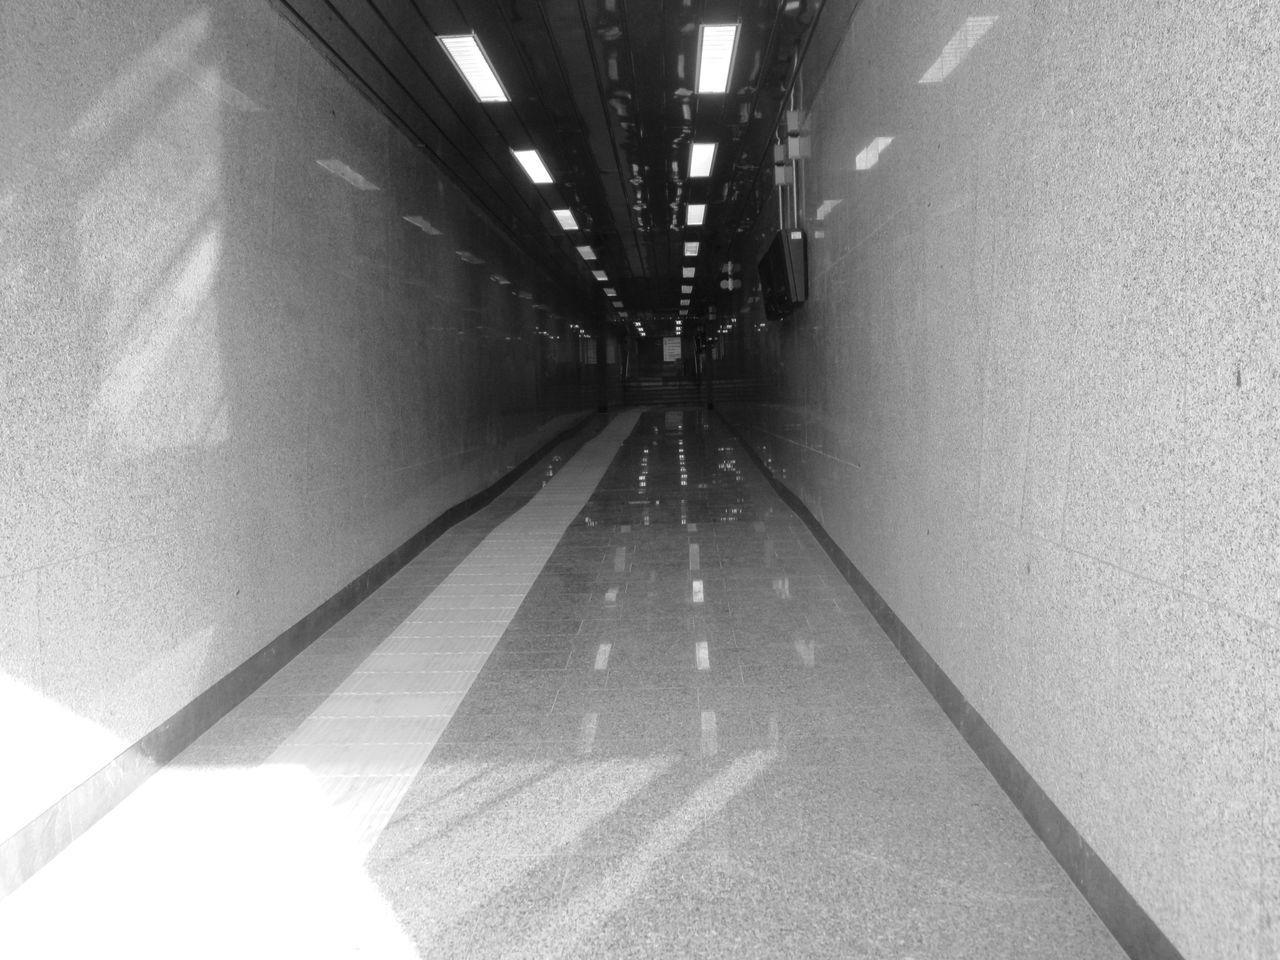 #basilicata #blackandwhite #fotobiancoenero #potenza #potenzainferiore #sottopassaggio #stazione #vialedelbasento No People